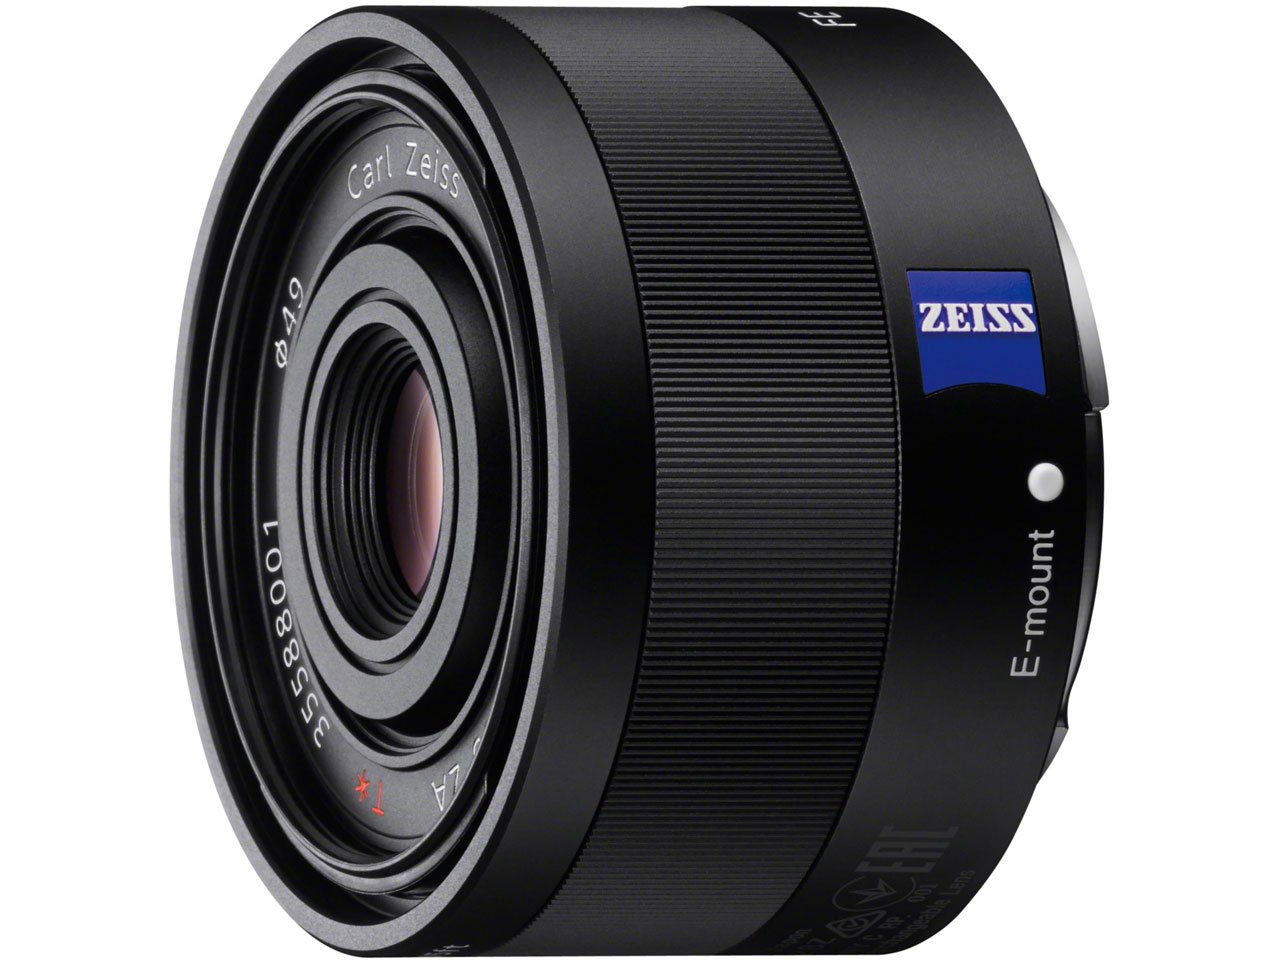 Sonnar T* FE 35mm F2.8 ZA SEL35F28Z の製品画像